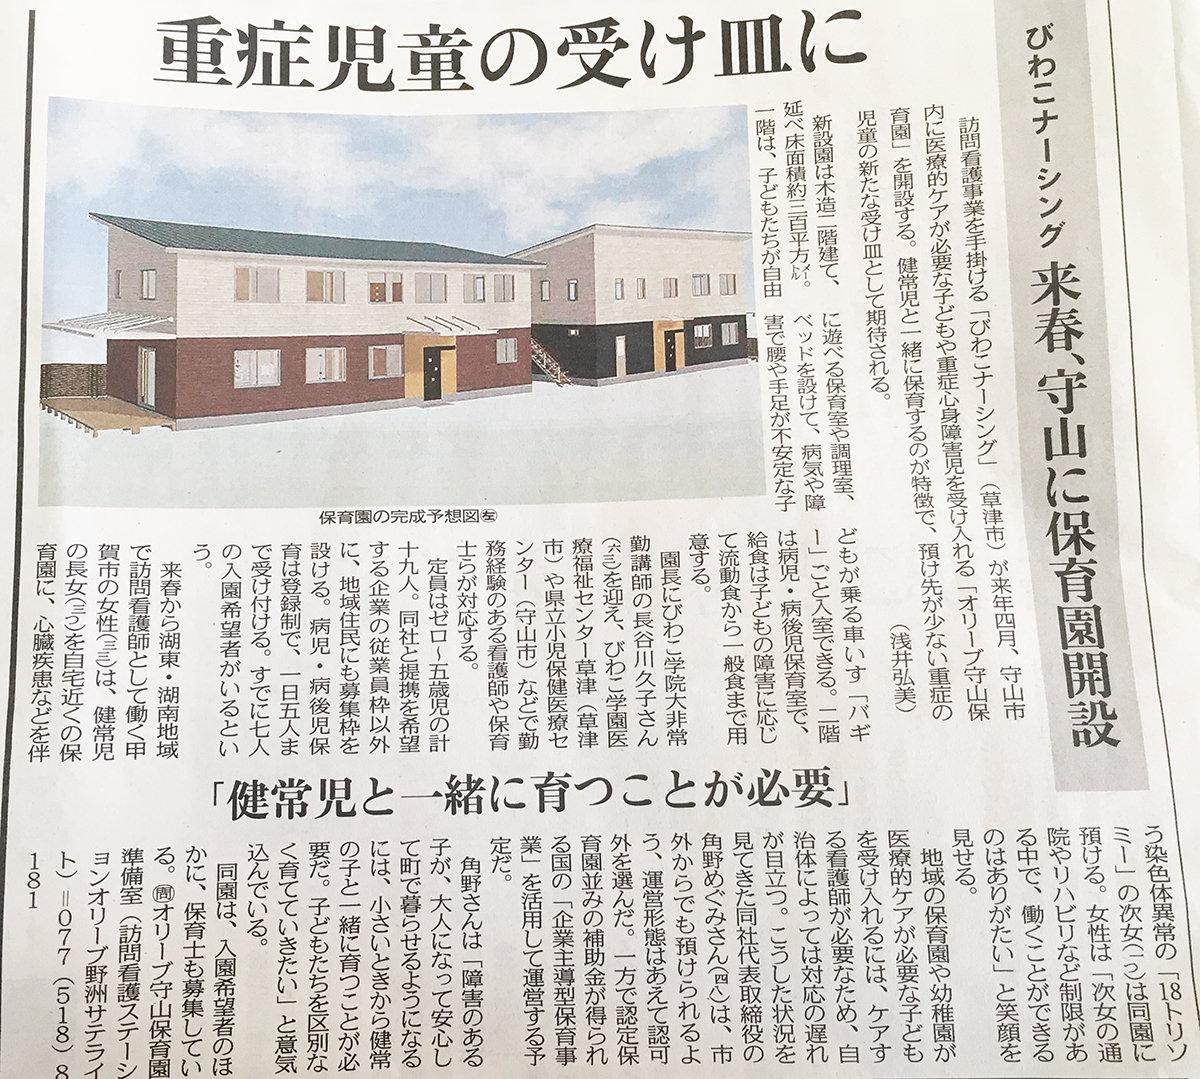 オリーブ保育園が中日新聞に掲載される